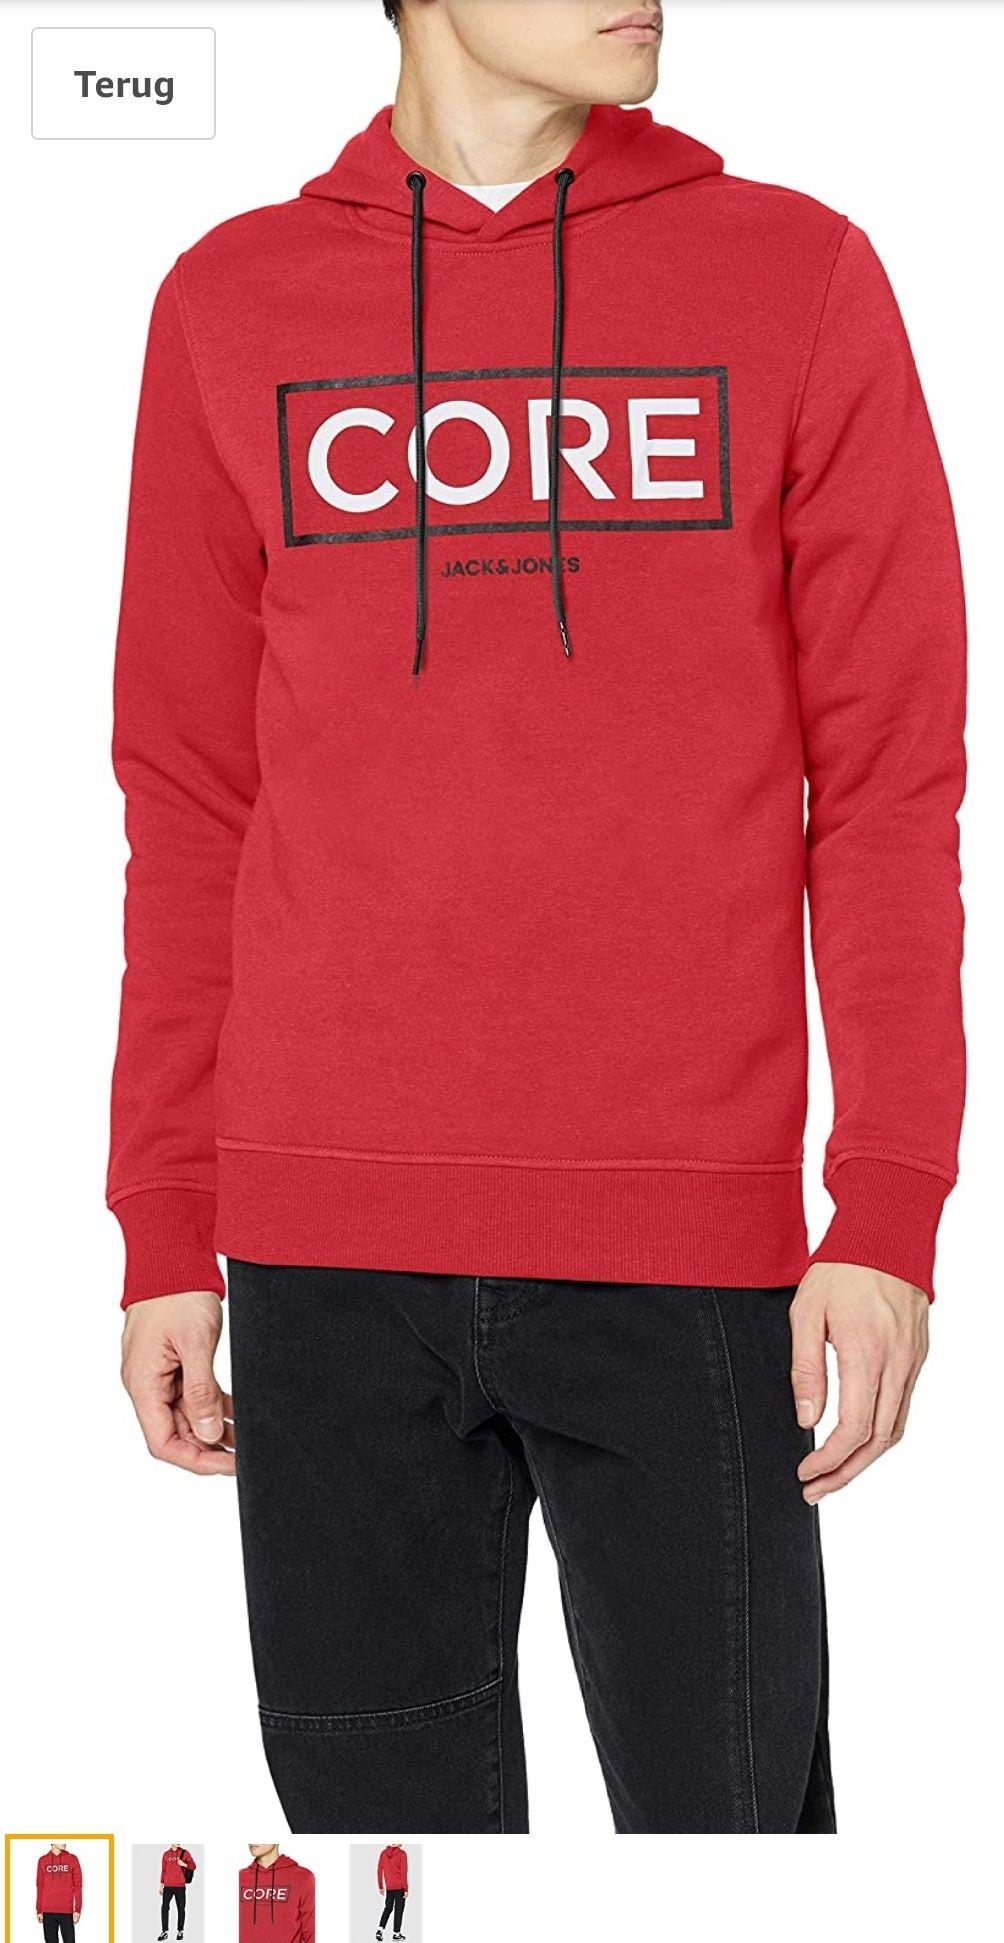 Jack & Jones Core Hoodie Rood @ Amazon.nl